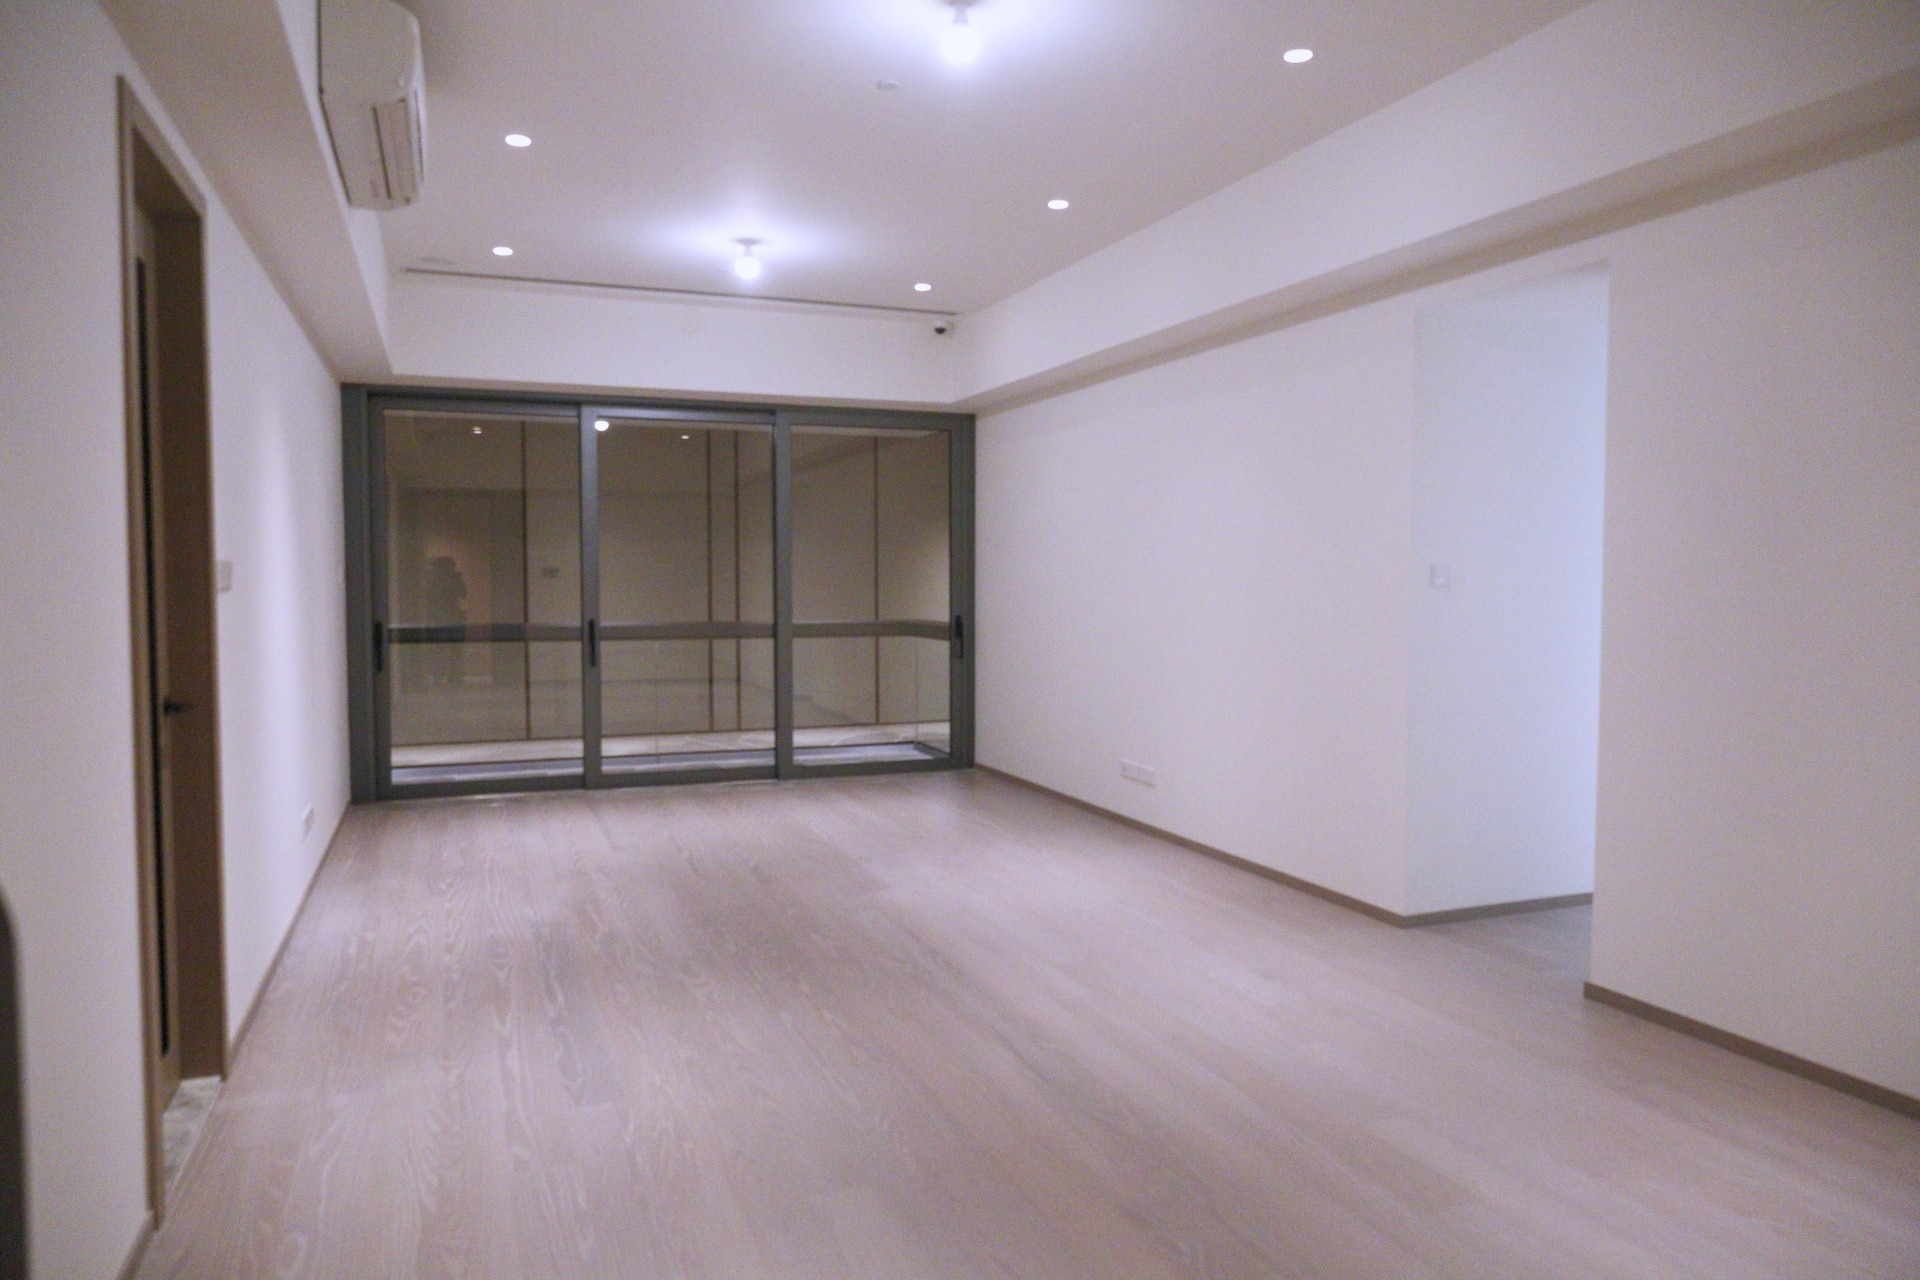 另一個交樓標準示位則參考7A座7樓B室搭建,屬三房一套間隔連儲物室,實用面積1,233方呎。(歐嘉樂攝)